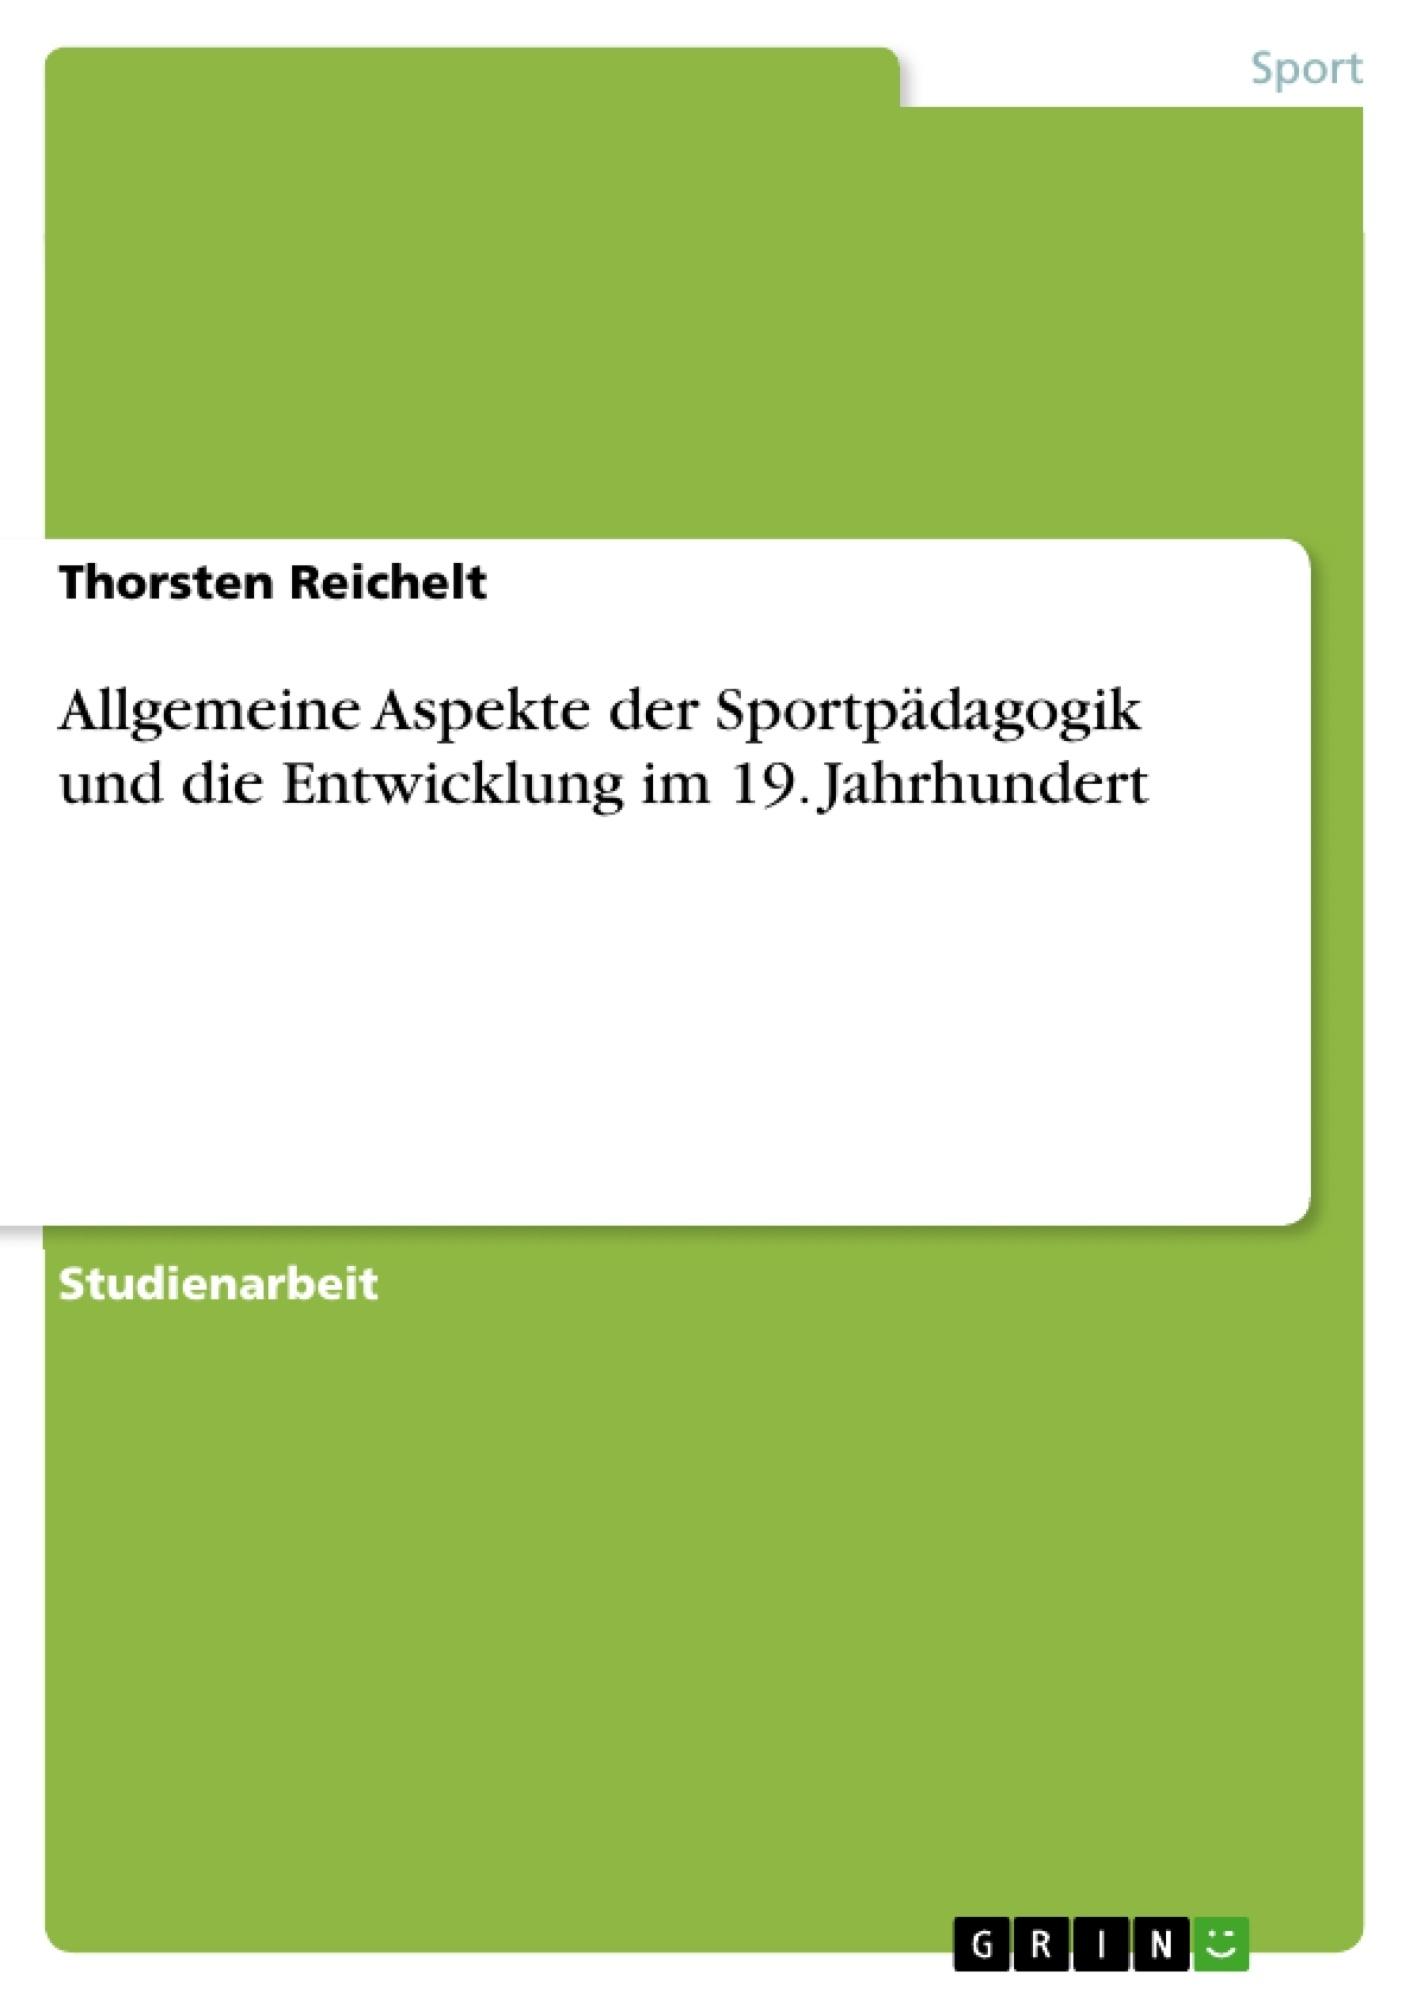 Titel: Allgemeine Aspekte der Sportpädagogik und die Entwicklung im 19. Jahrhundert